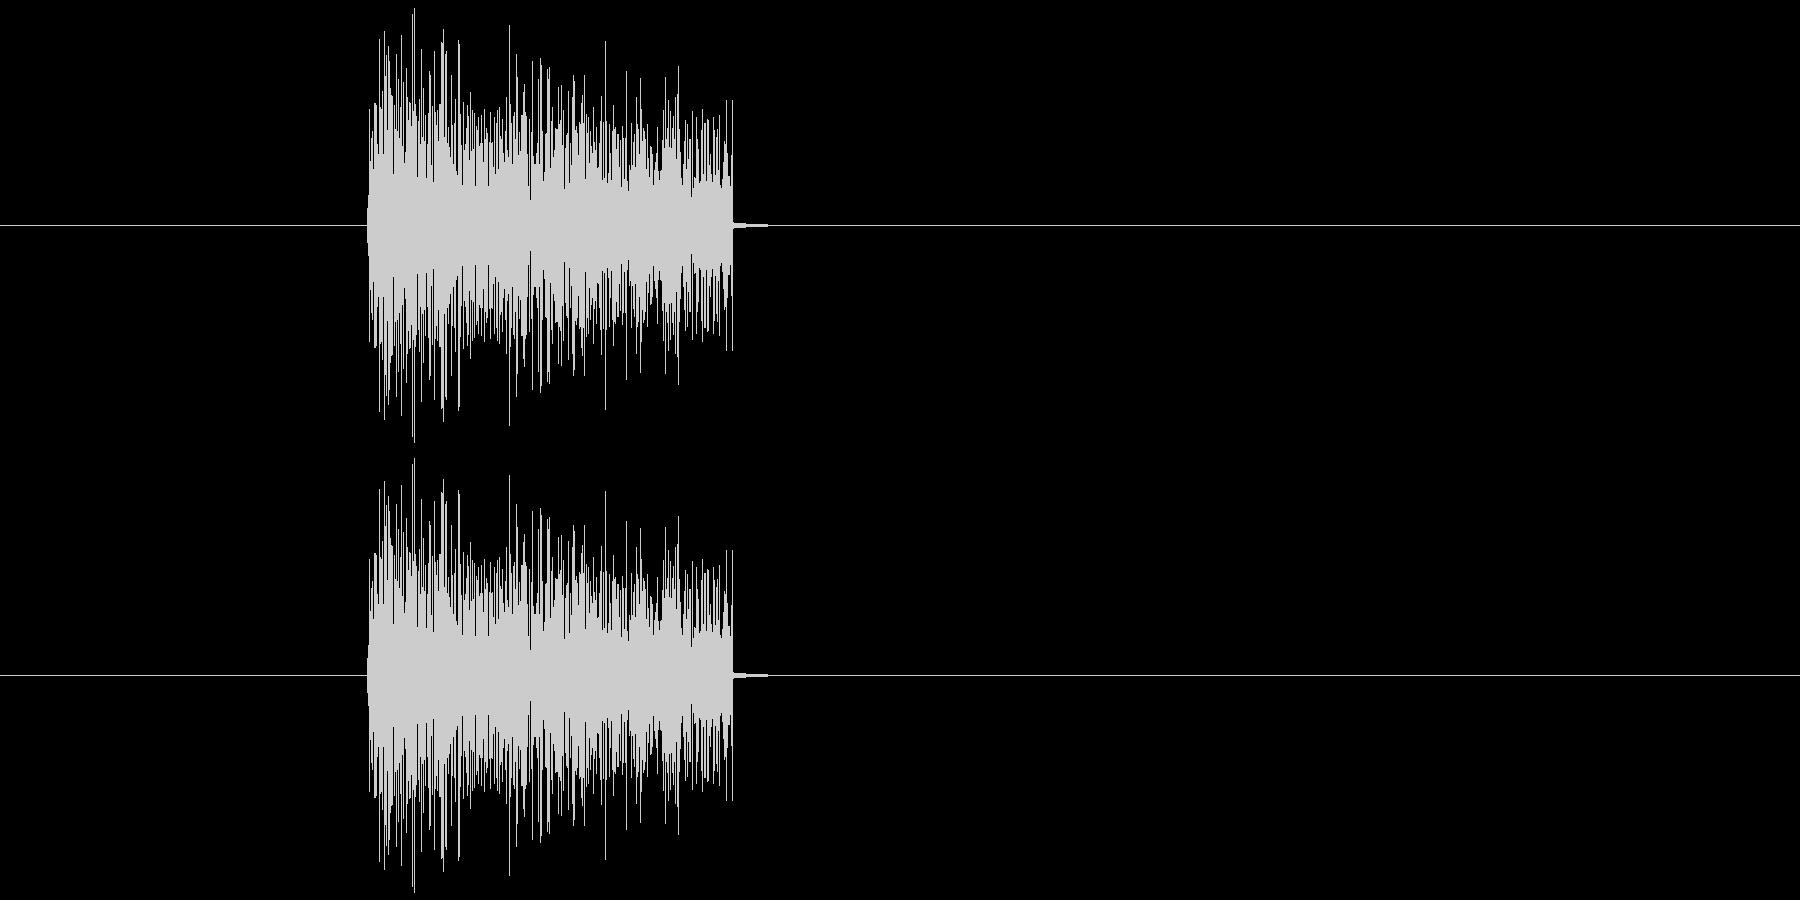 爆発音 昔のゲームの爆発音2の未再生の波形